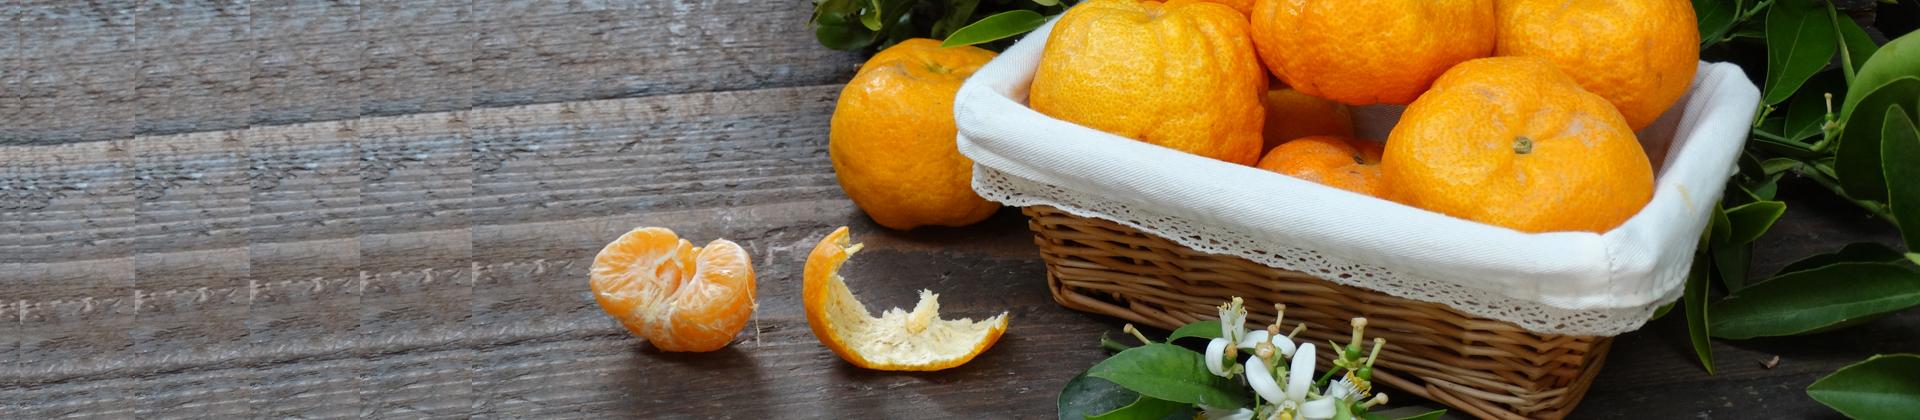 Pumpkin-Tangerines